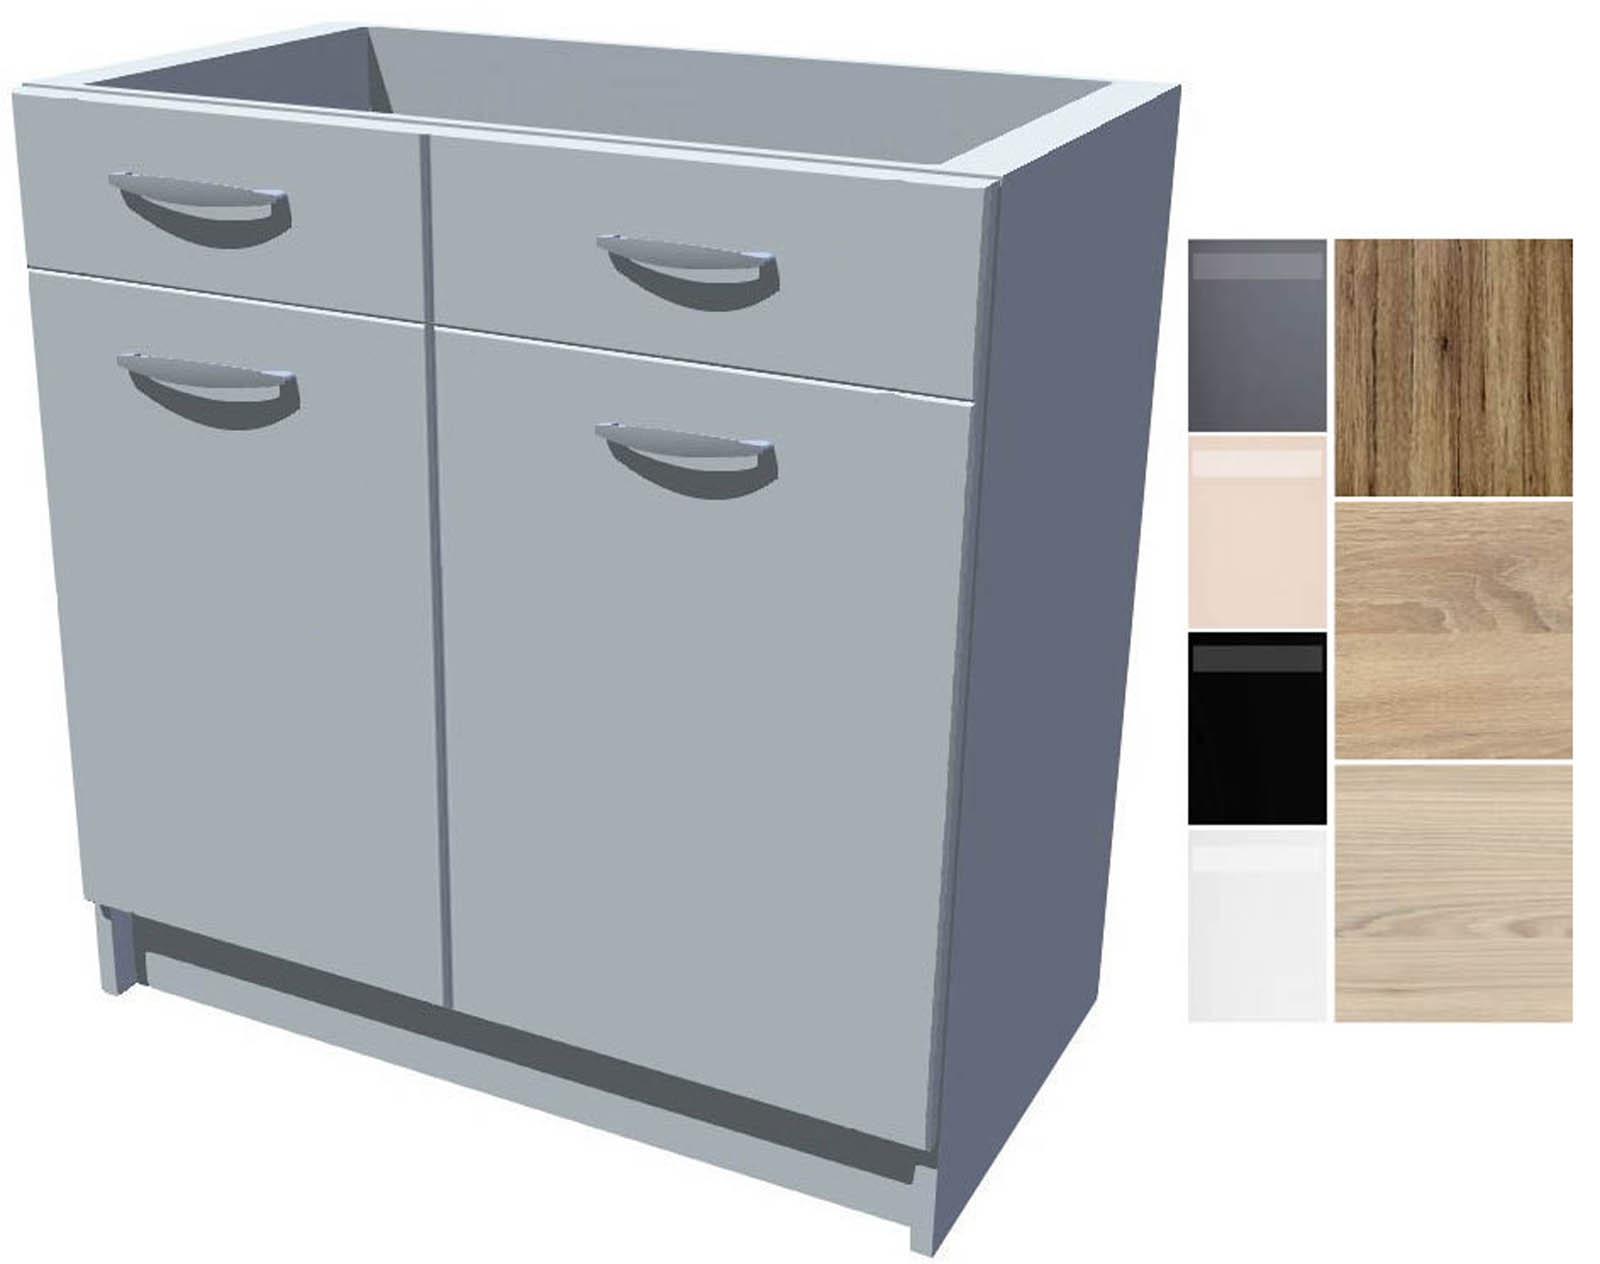 Spodní kuchyňská skříňka Iga 80 cm s šuplíky